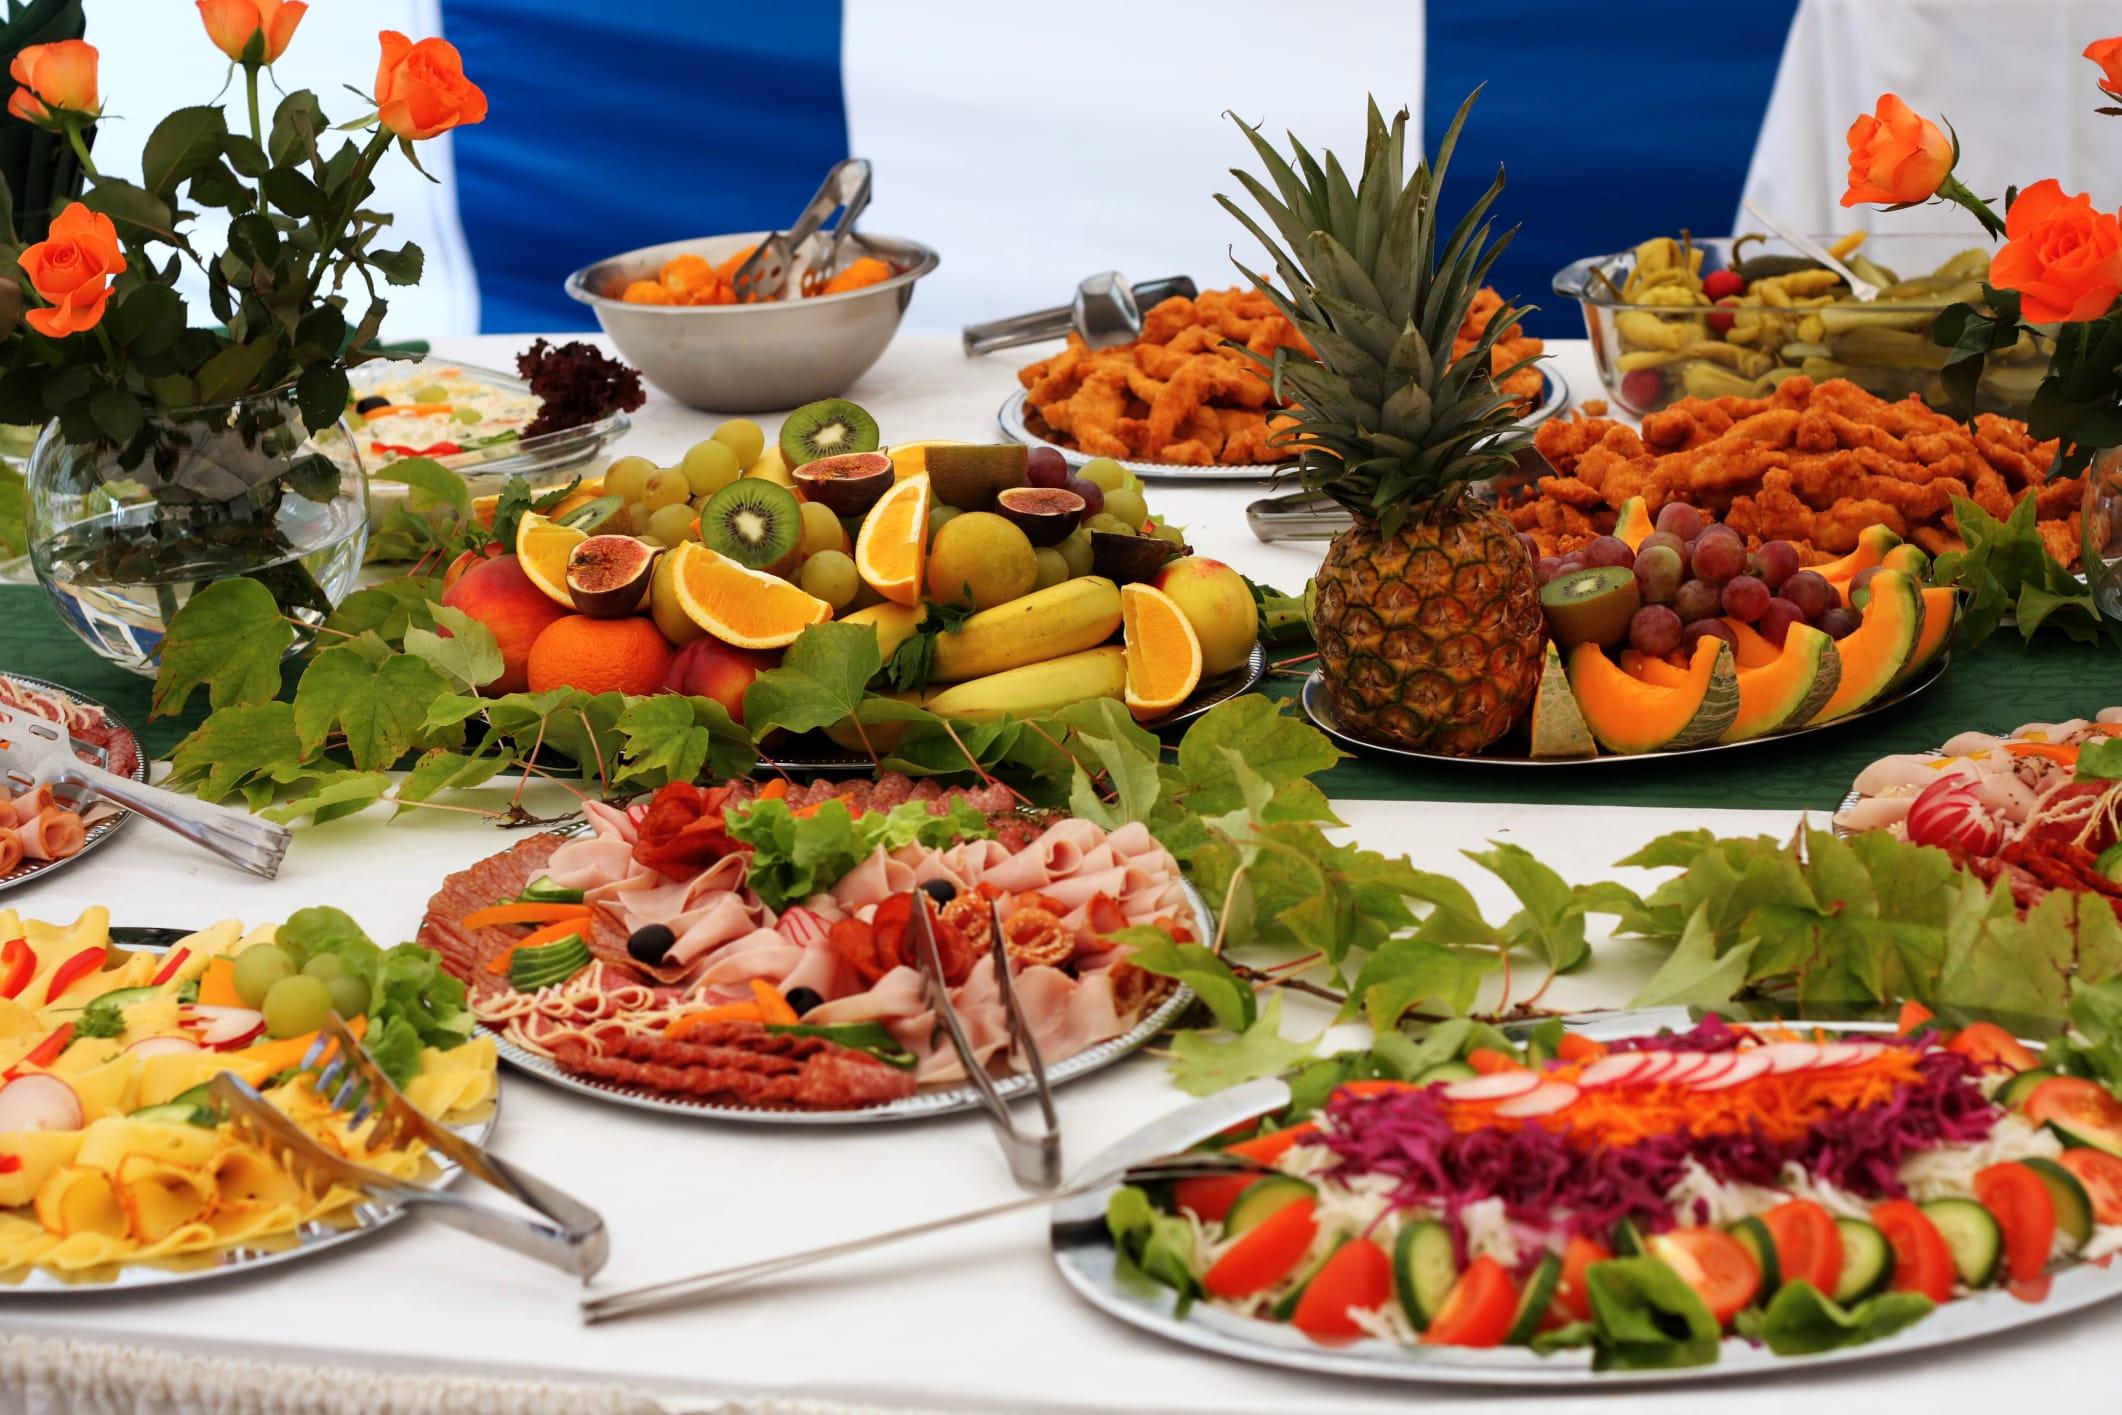 Come organizzare l'aperitivo in casa. I cibi e le bevande da offrire in allegria